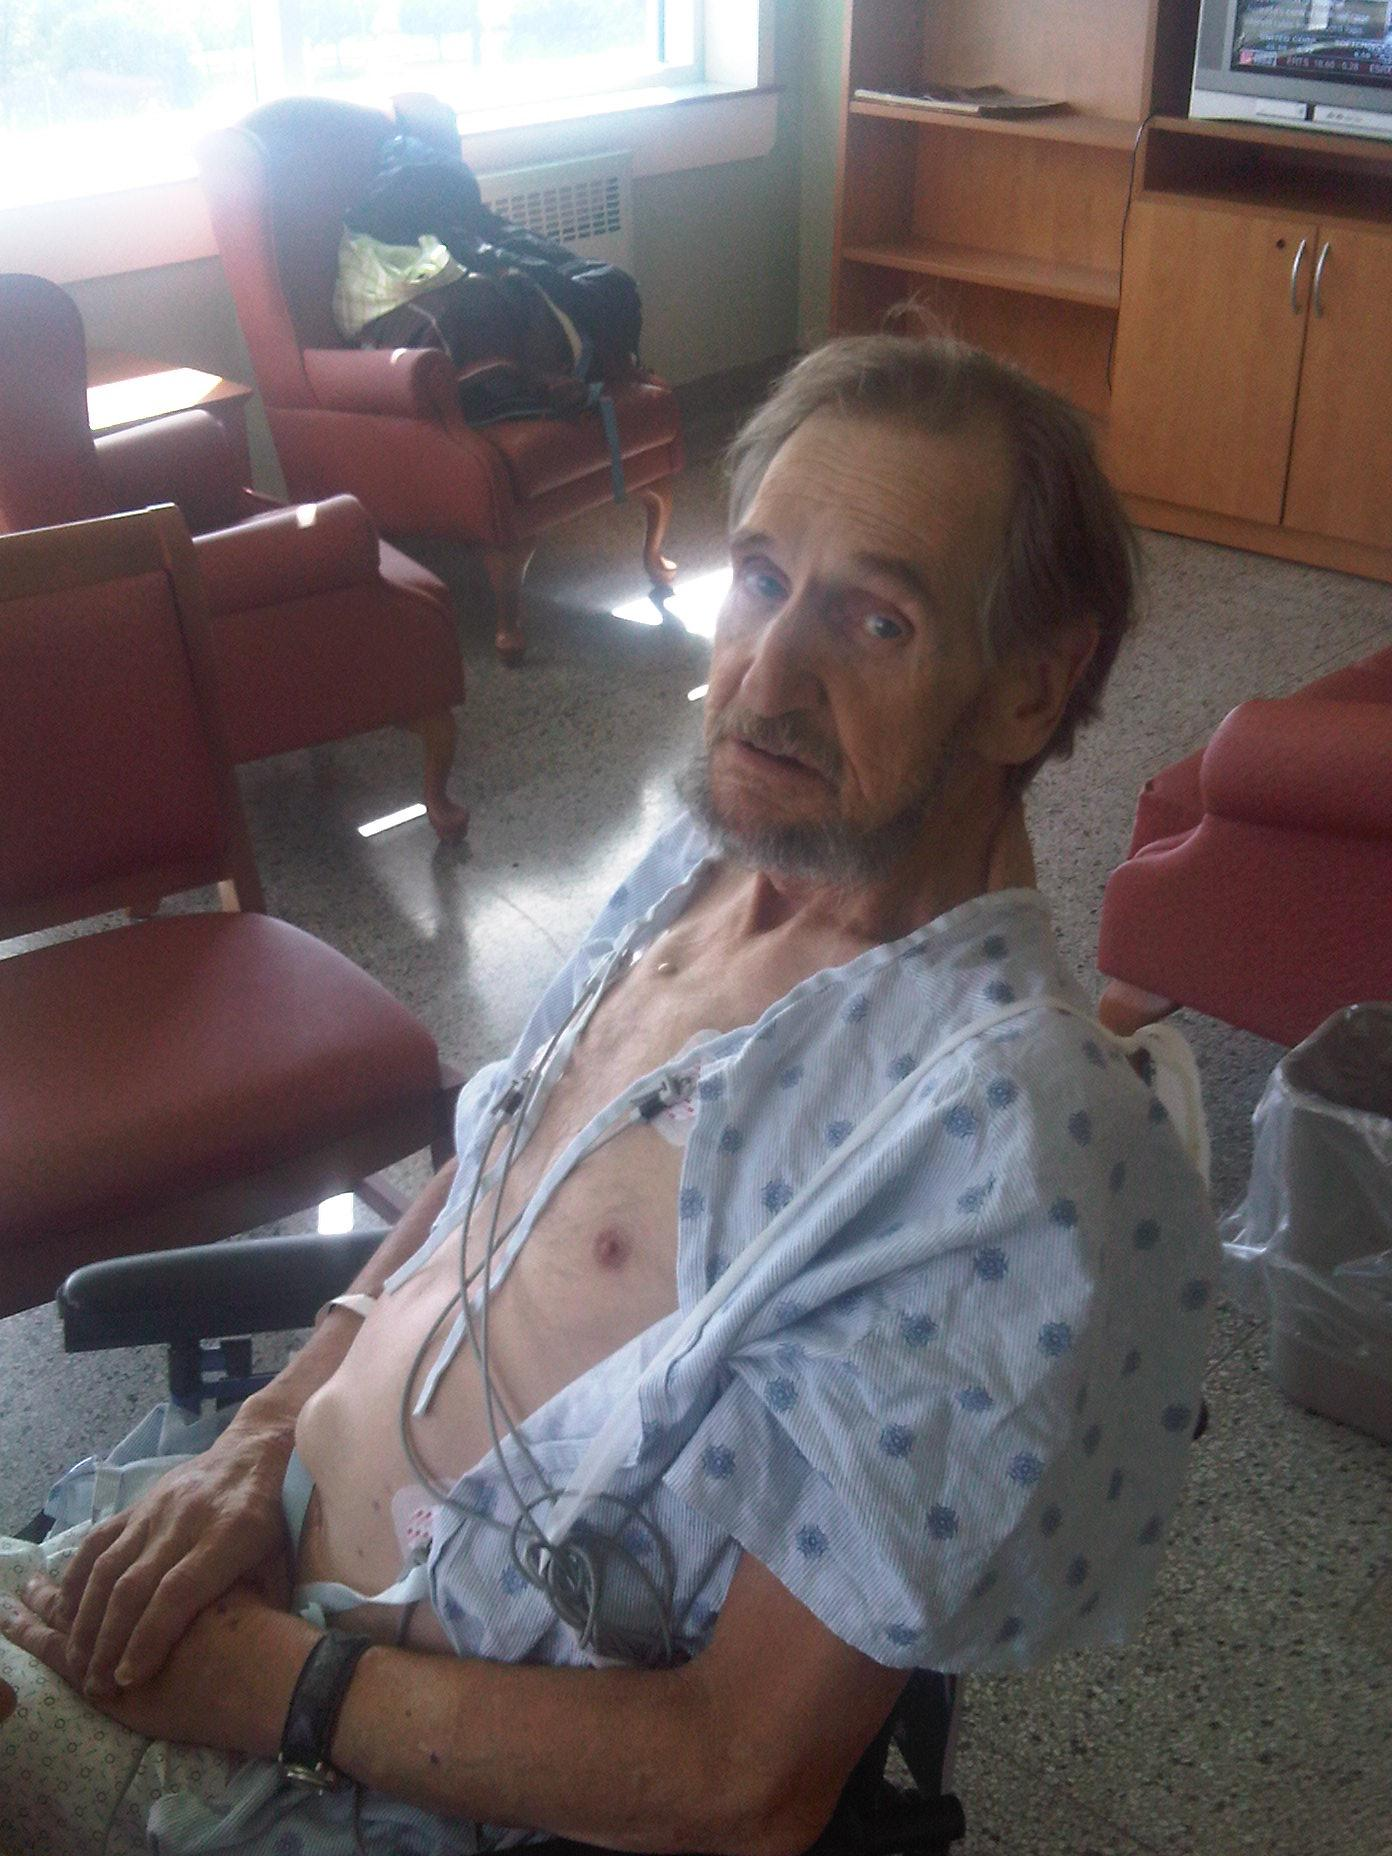 3 - Tony in Hospital  - Oct 5 2009